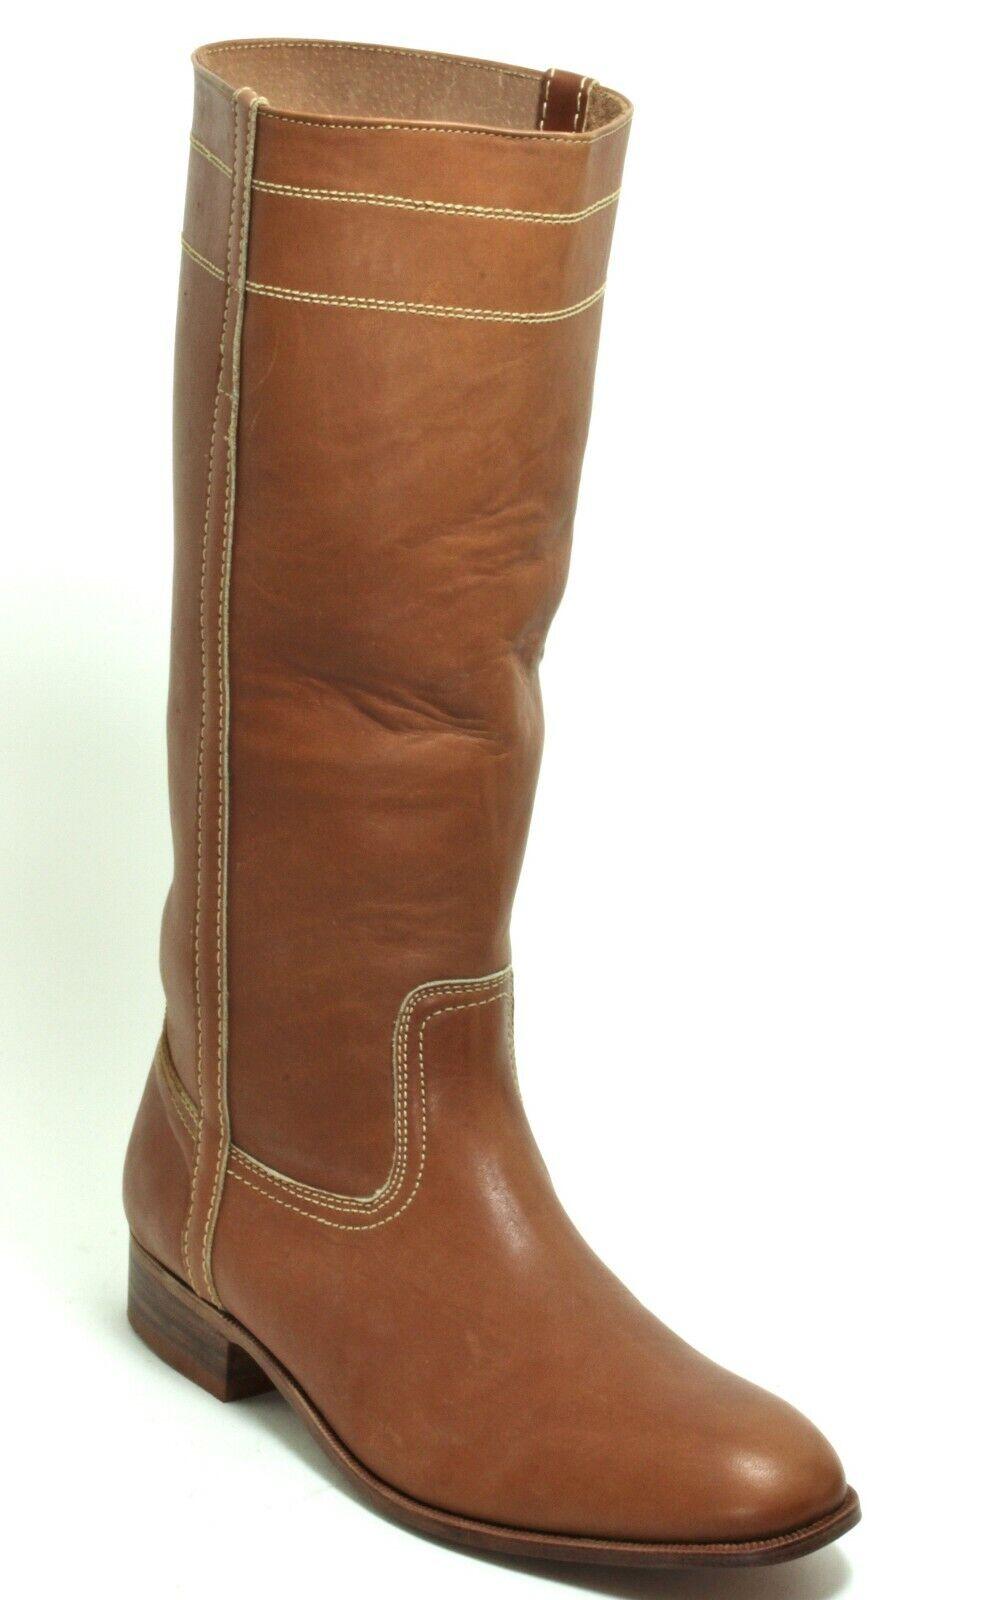 3 Westernstiefel Botas de Cowboy Line Dance Catalán Estilo Texas 1176 Samello 38